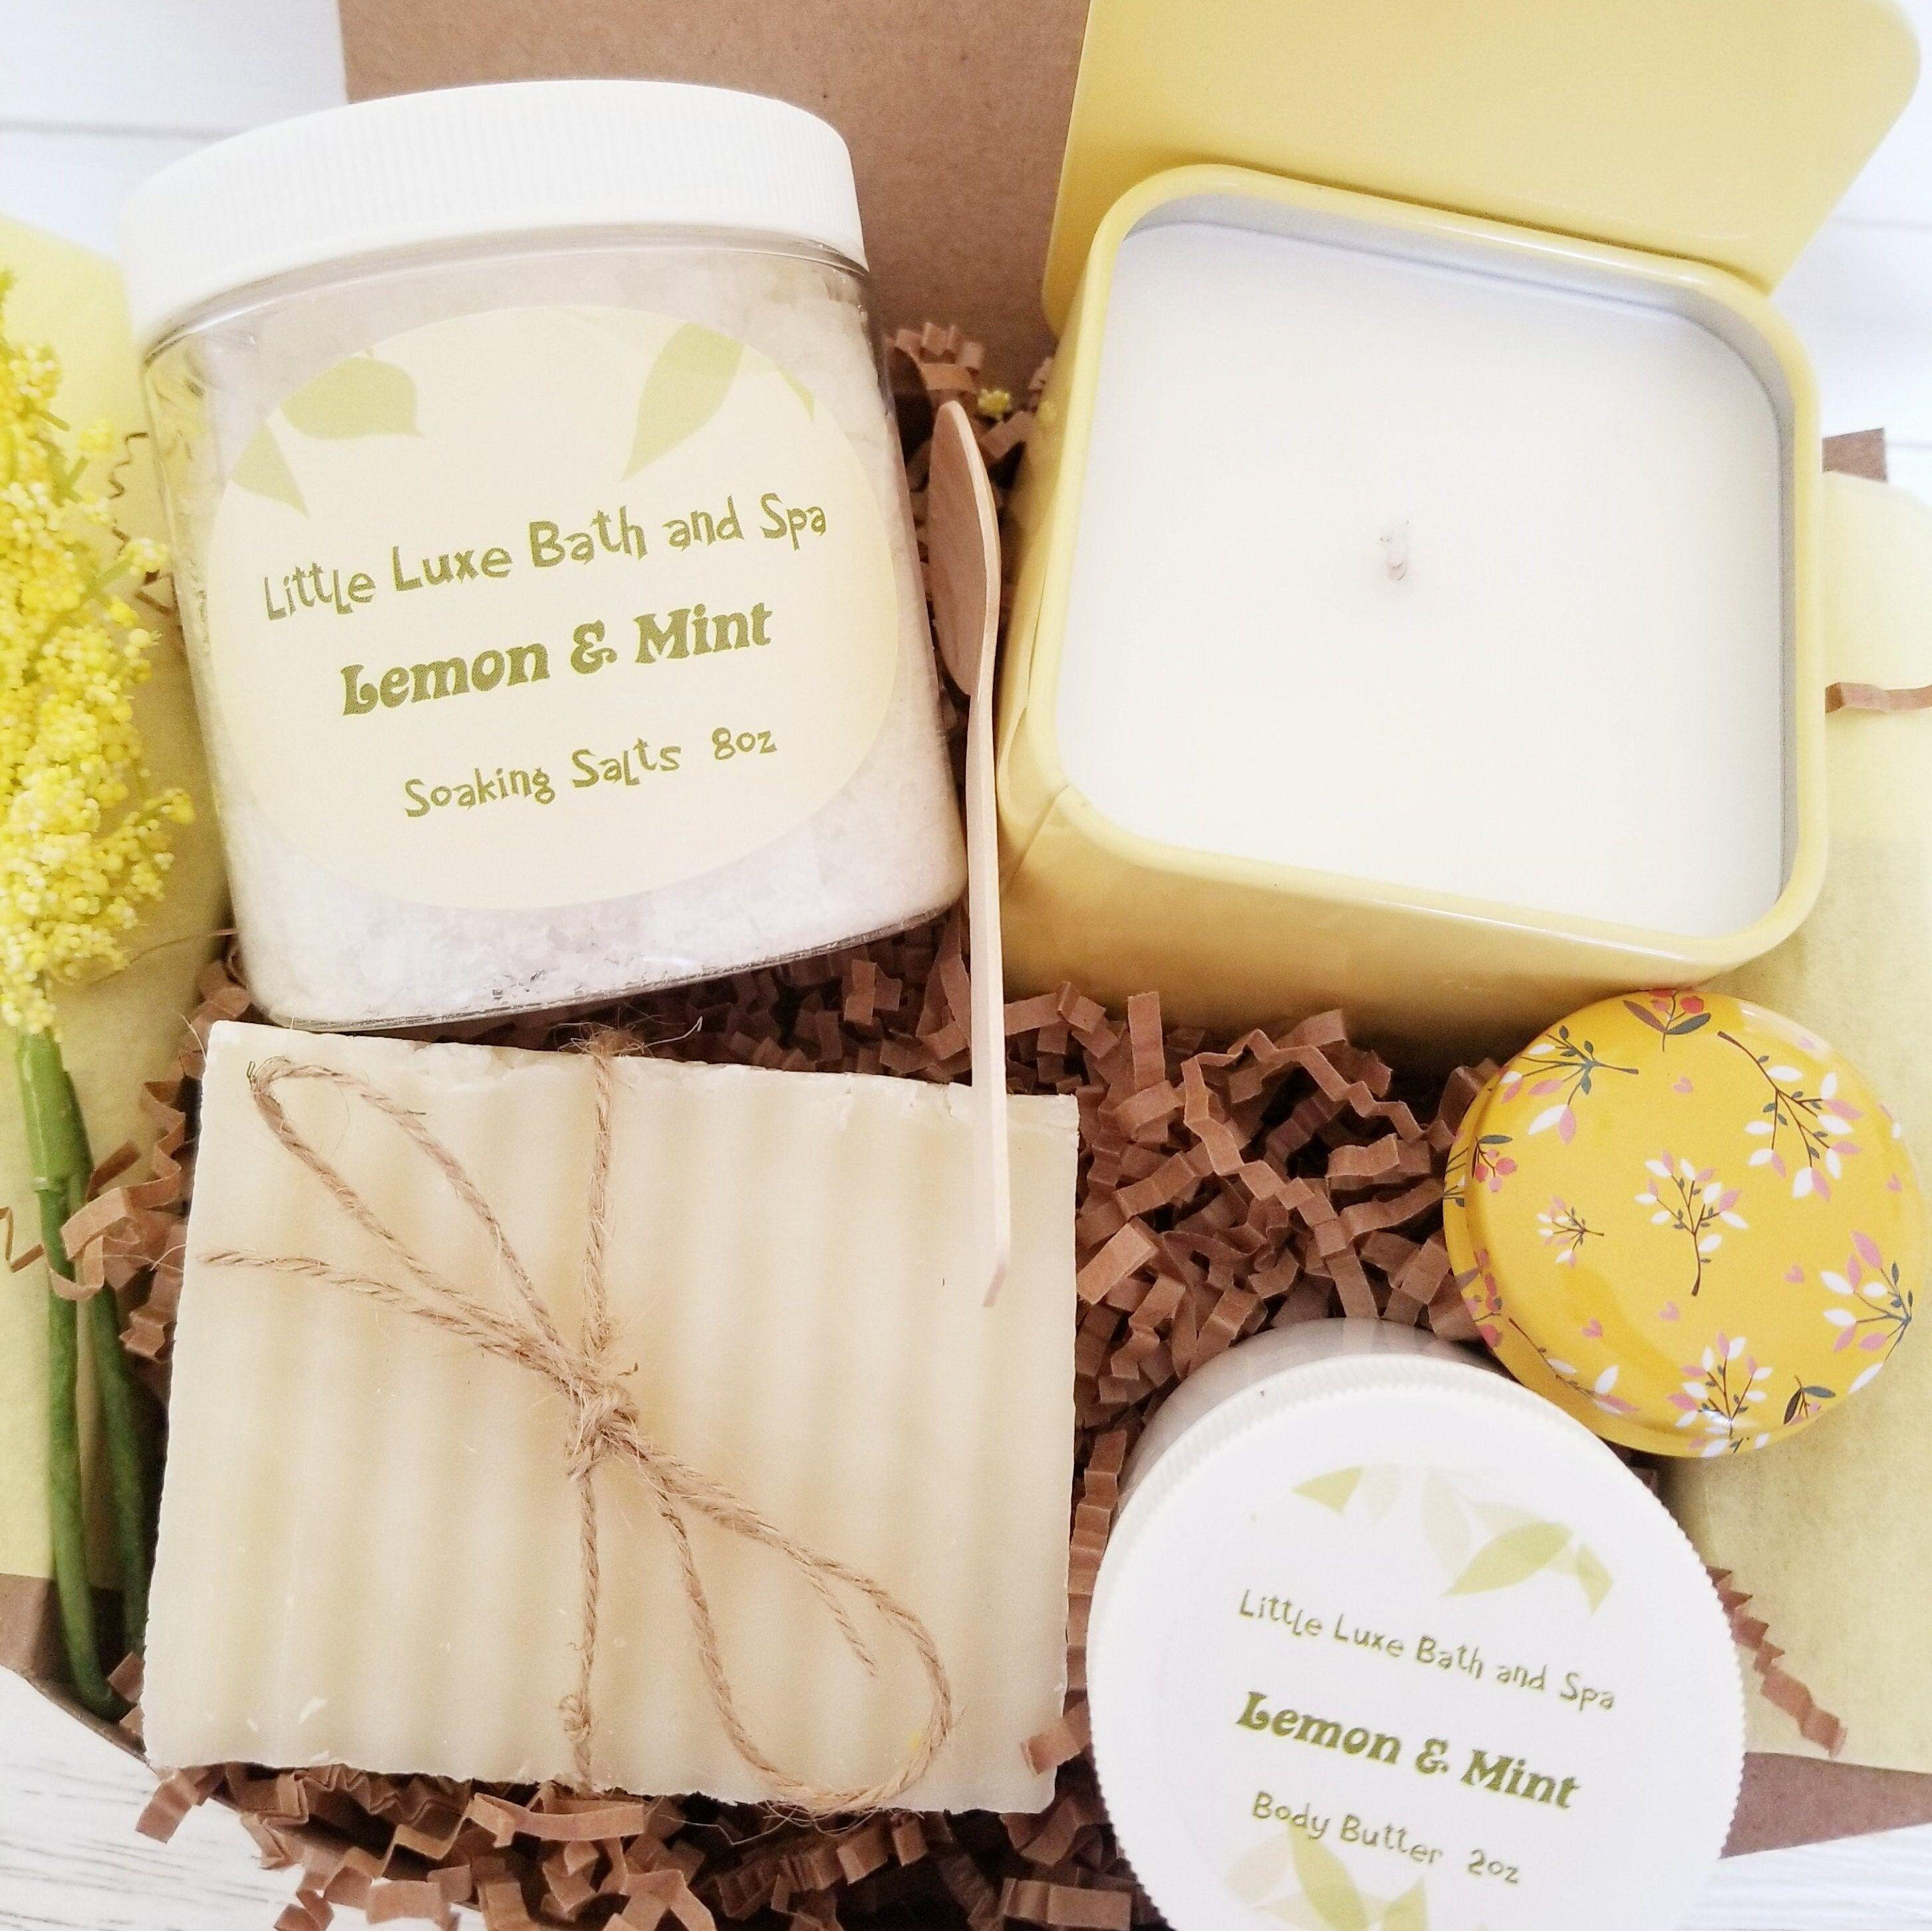 Lemon & Mint- Self Care Gift Box- Birthday Gift Box- Lemon Gift Box- Aromatherapy Spa Box- Wellness Gift Box- Feel Good Gift Box- Lemon